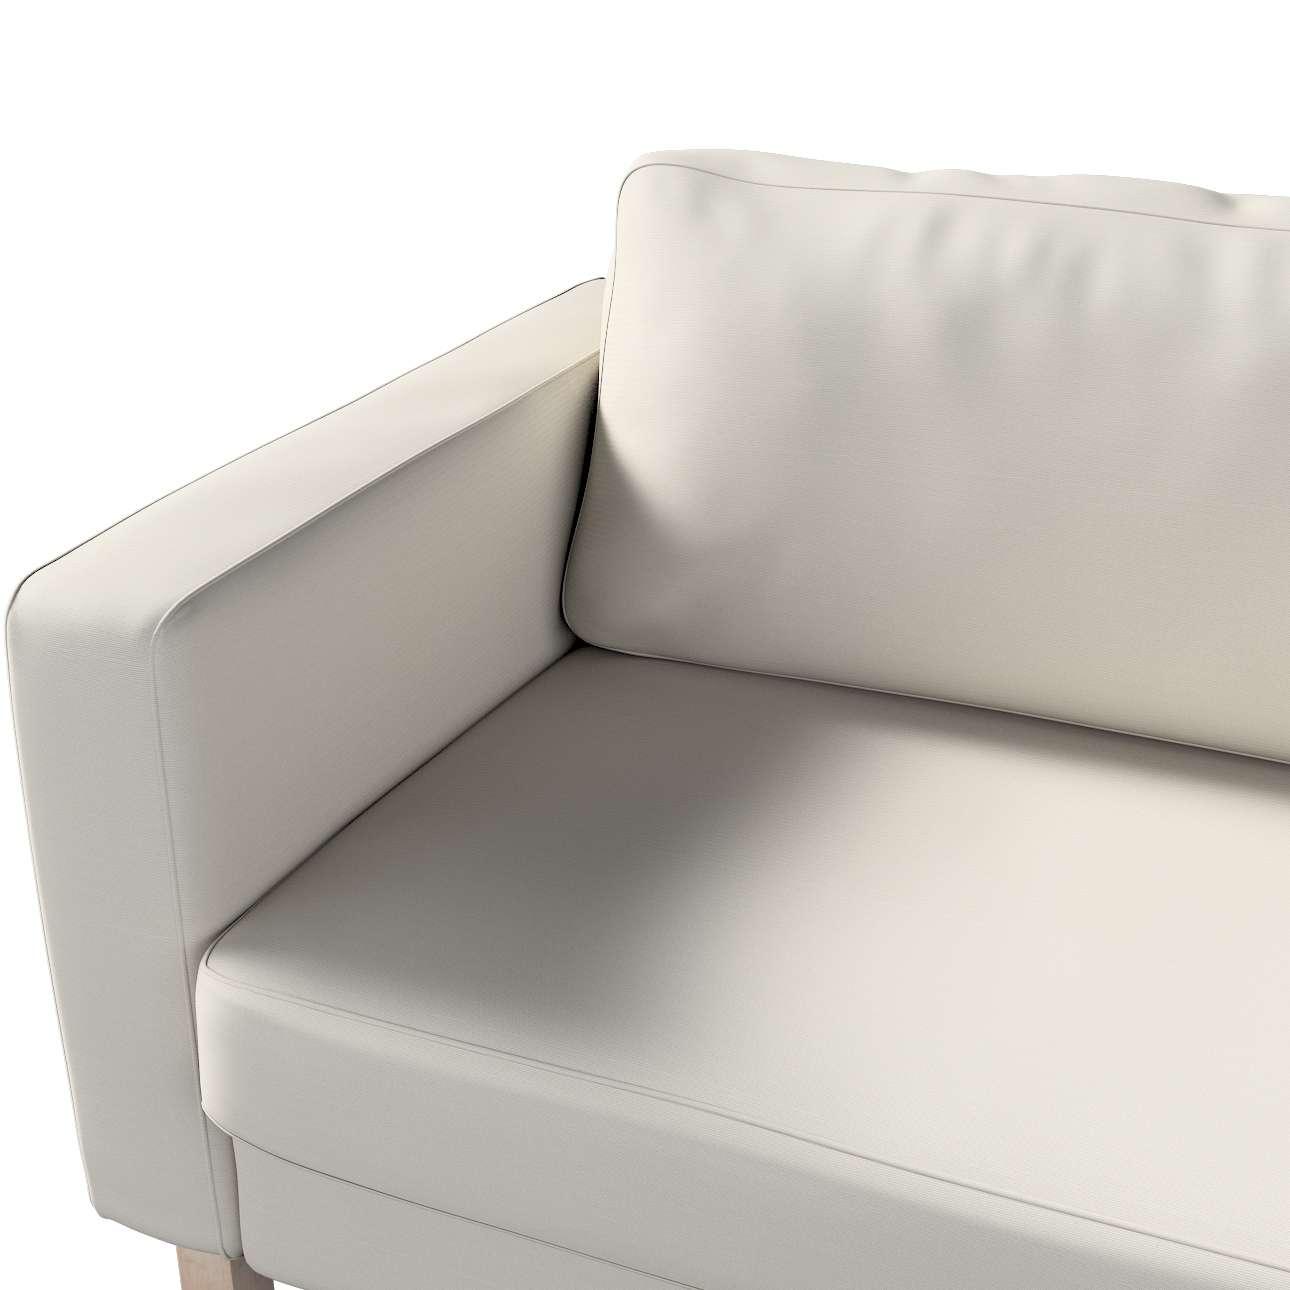 Pokrowiec na sofę Karlstad 3-osobową nierozkładaną, krótki w kolekcji Cotton Panama, tkanina: 702-31